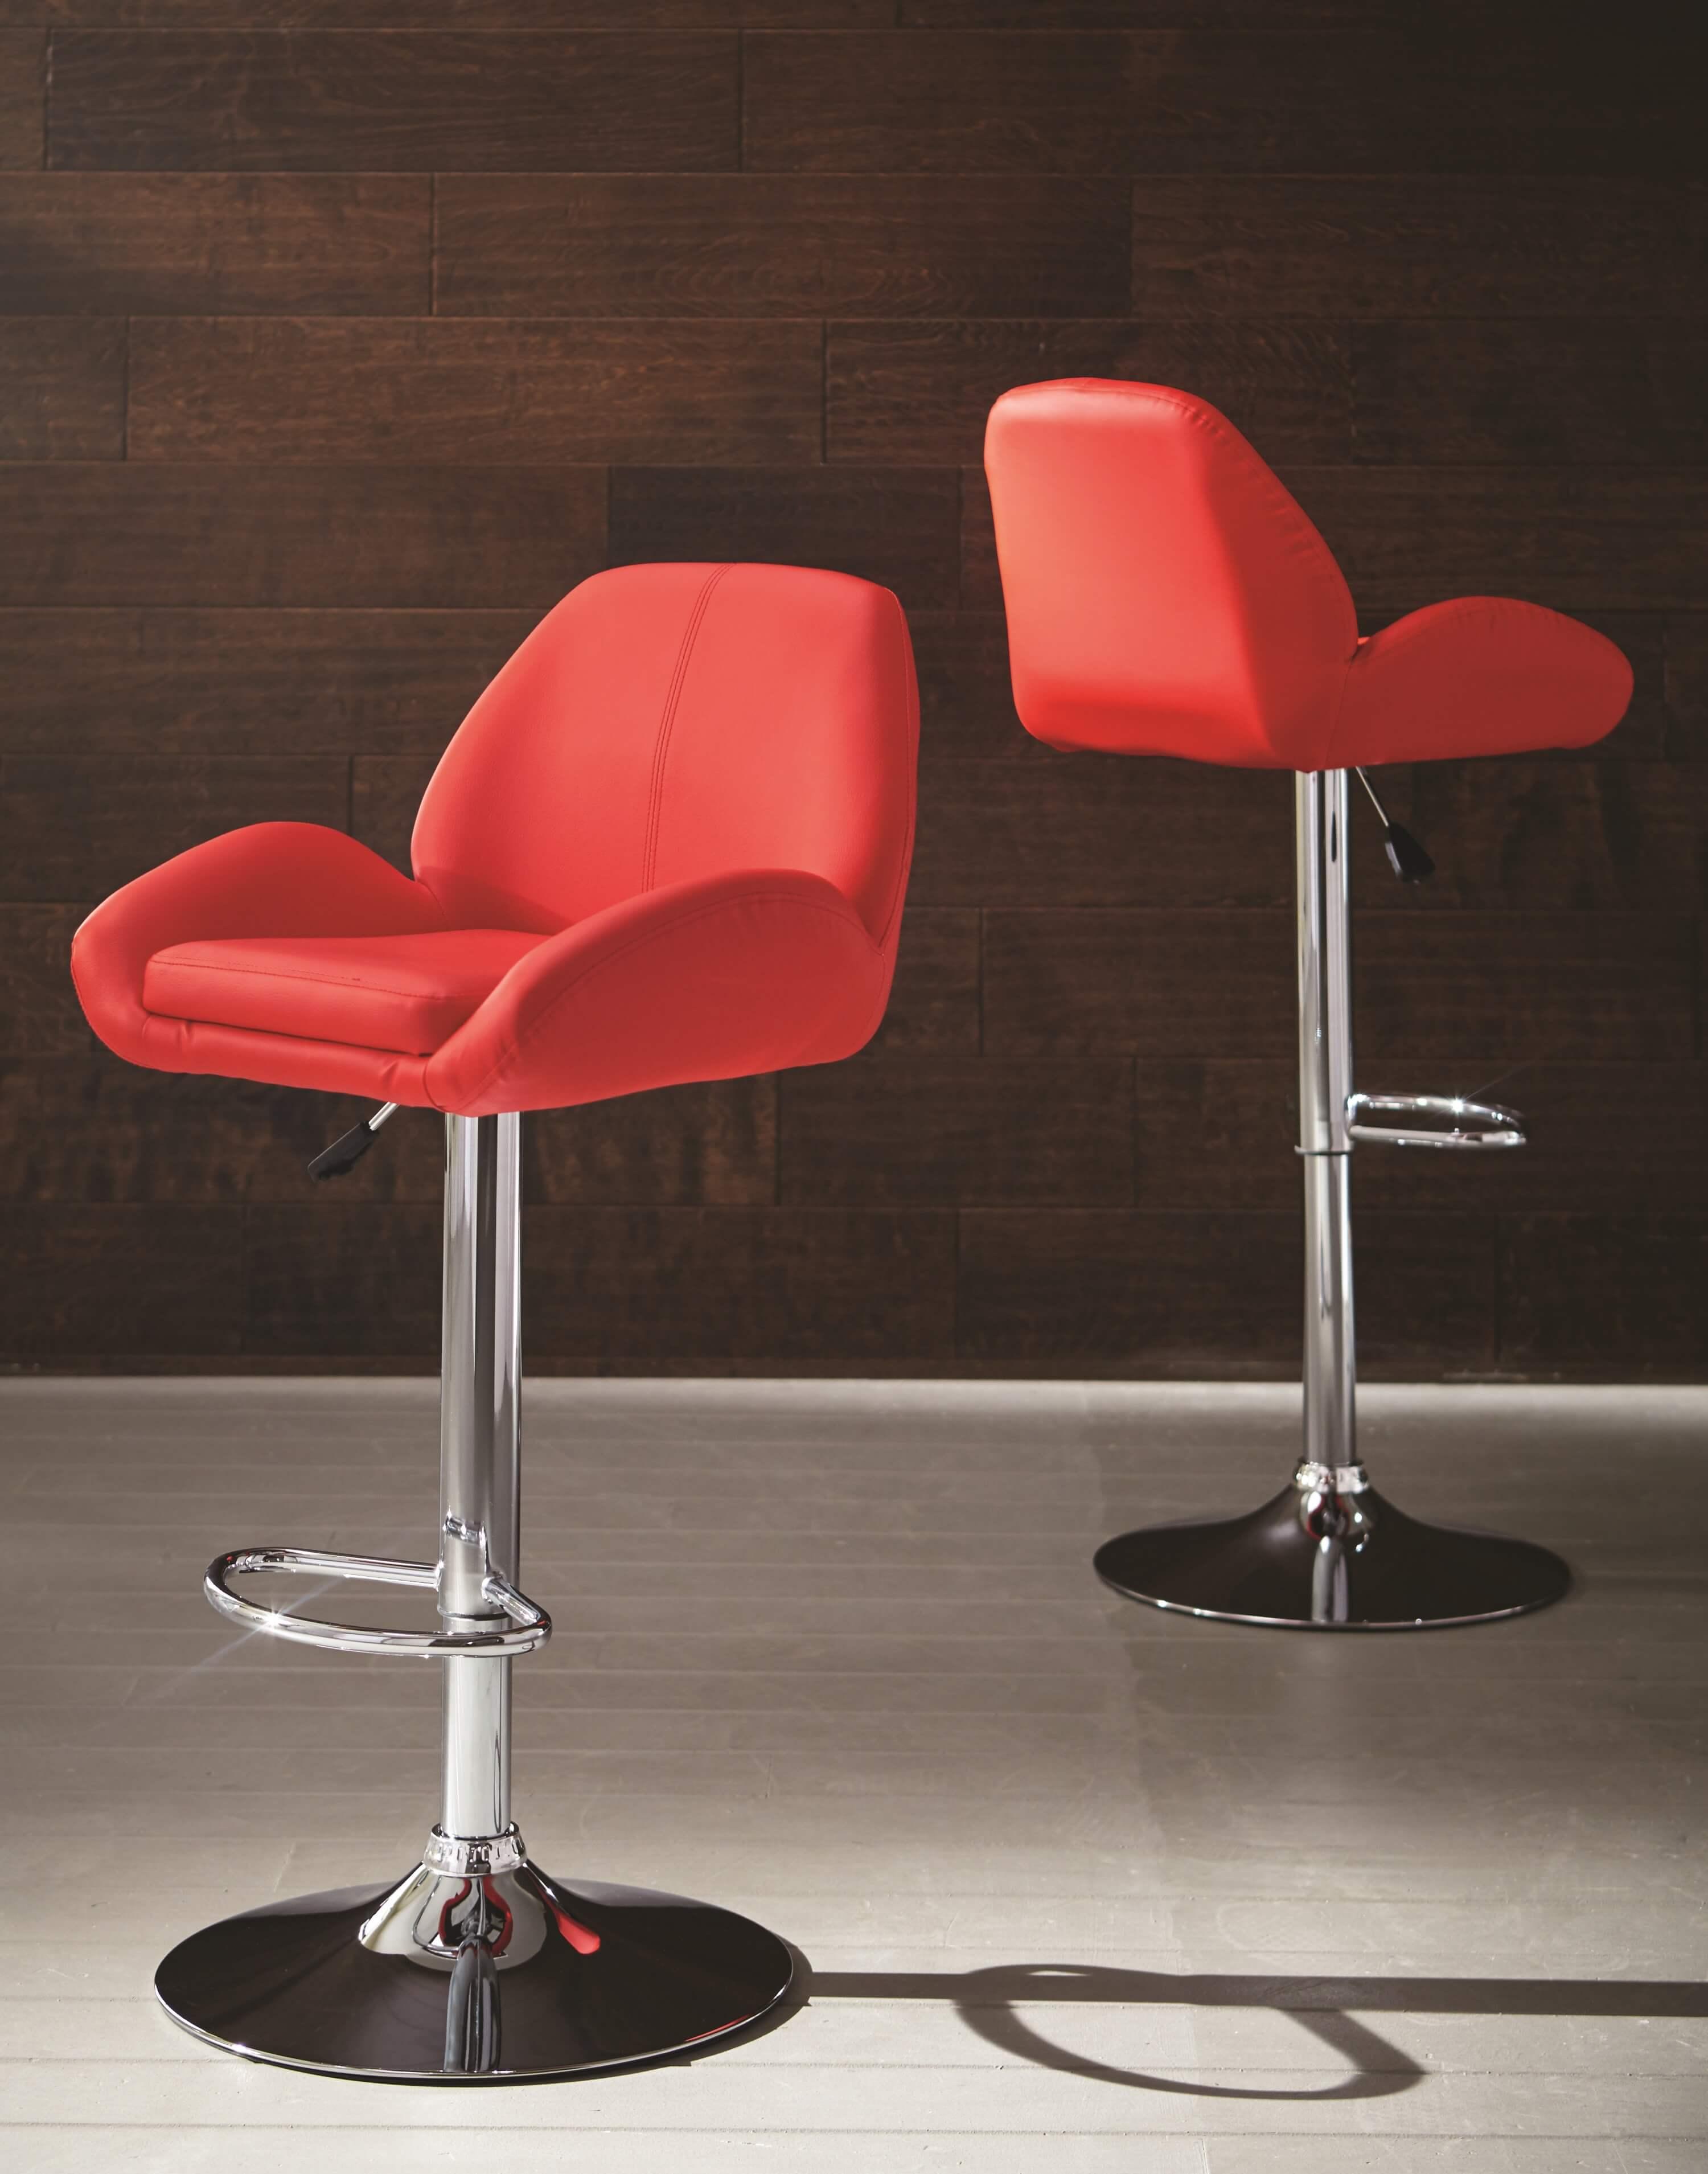 Red Adjustable Bar Stool Urban Furniture Outlet